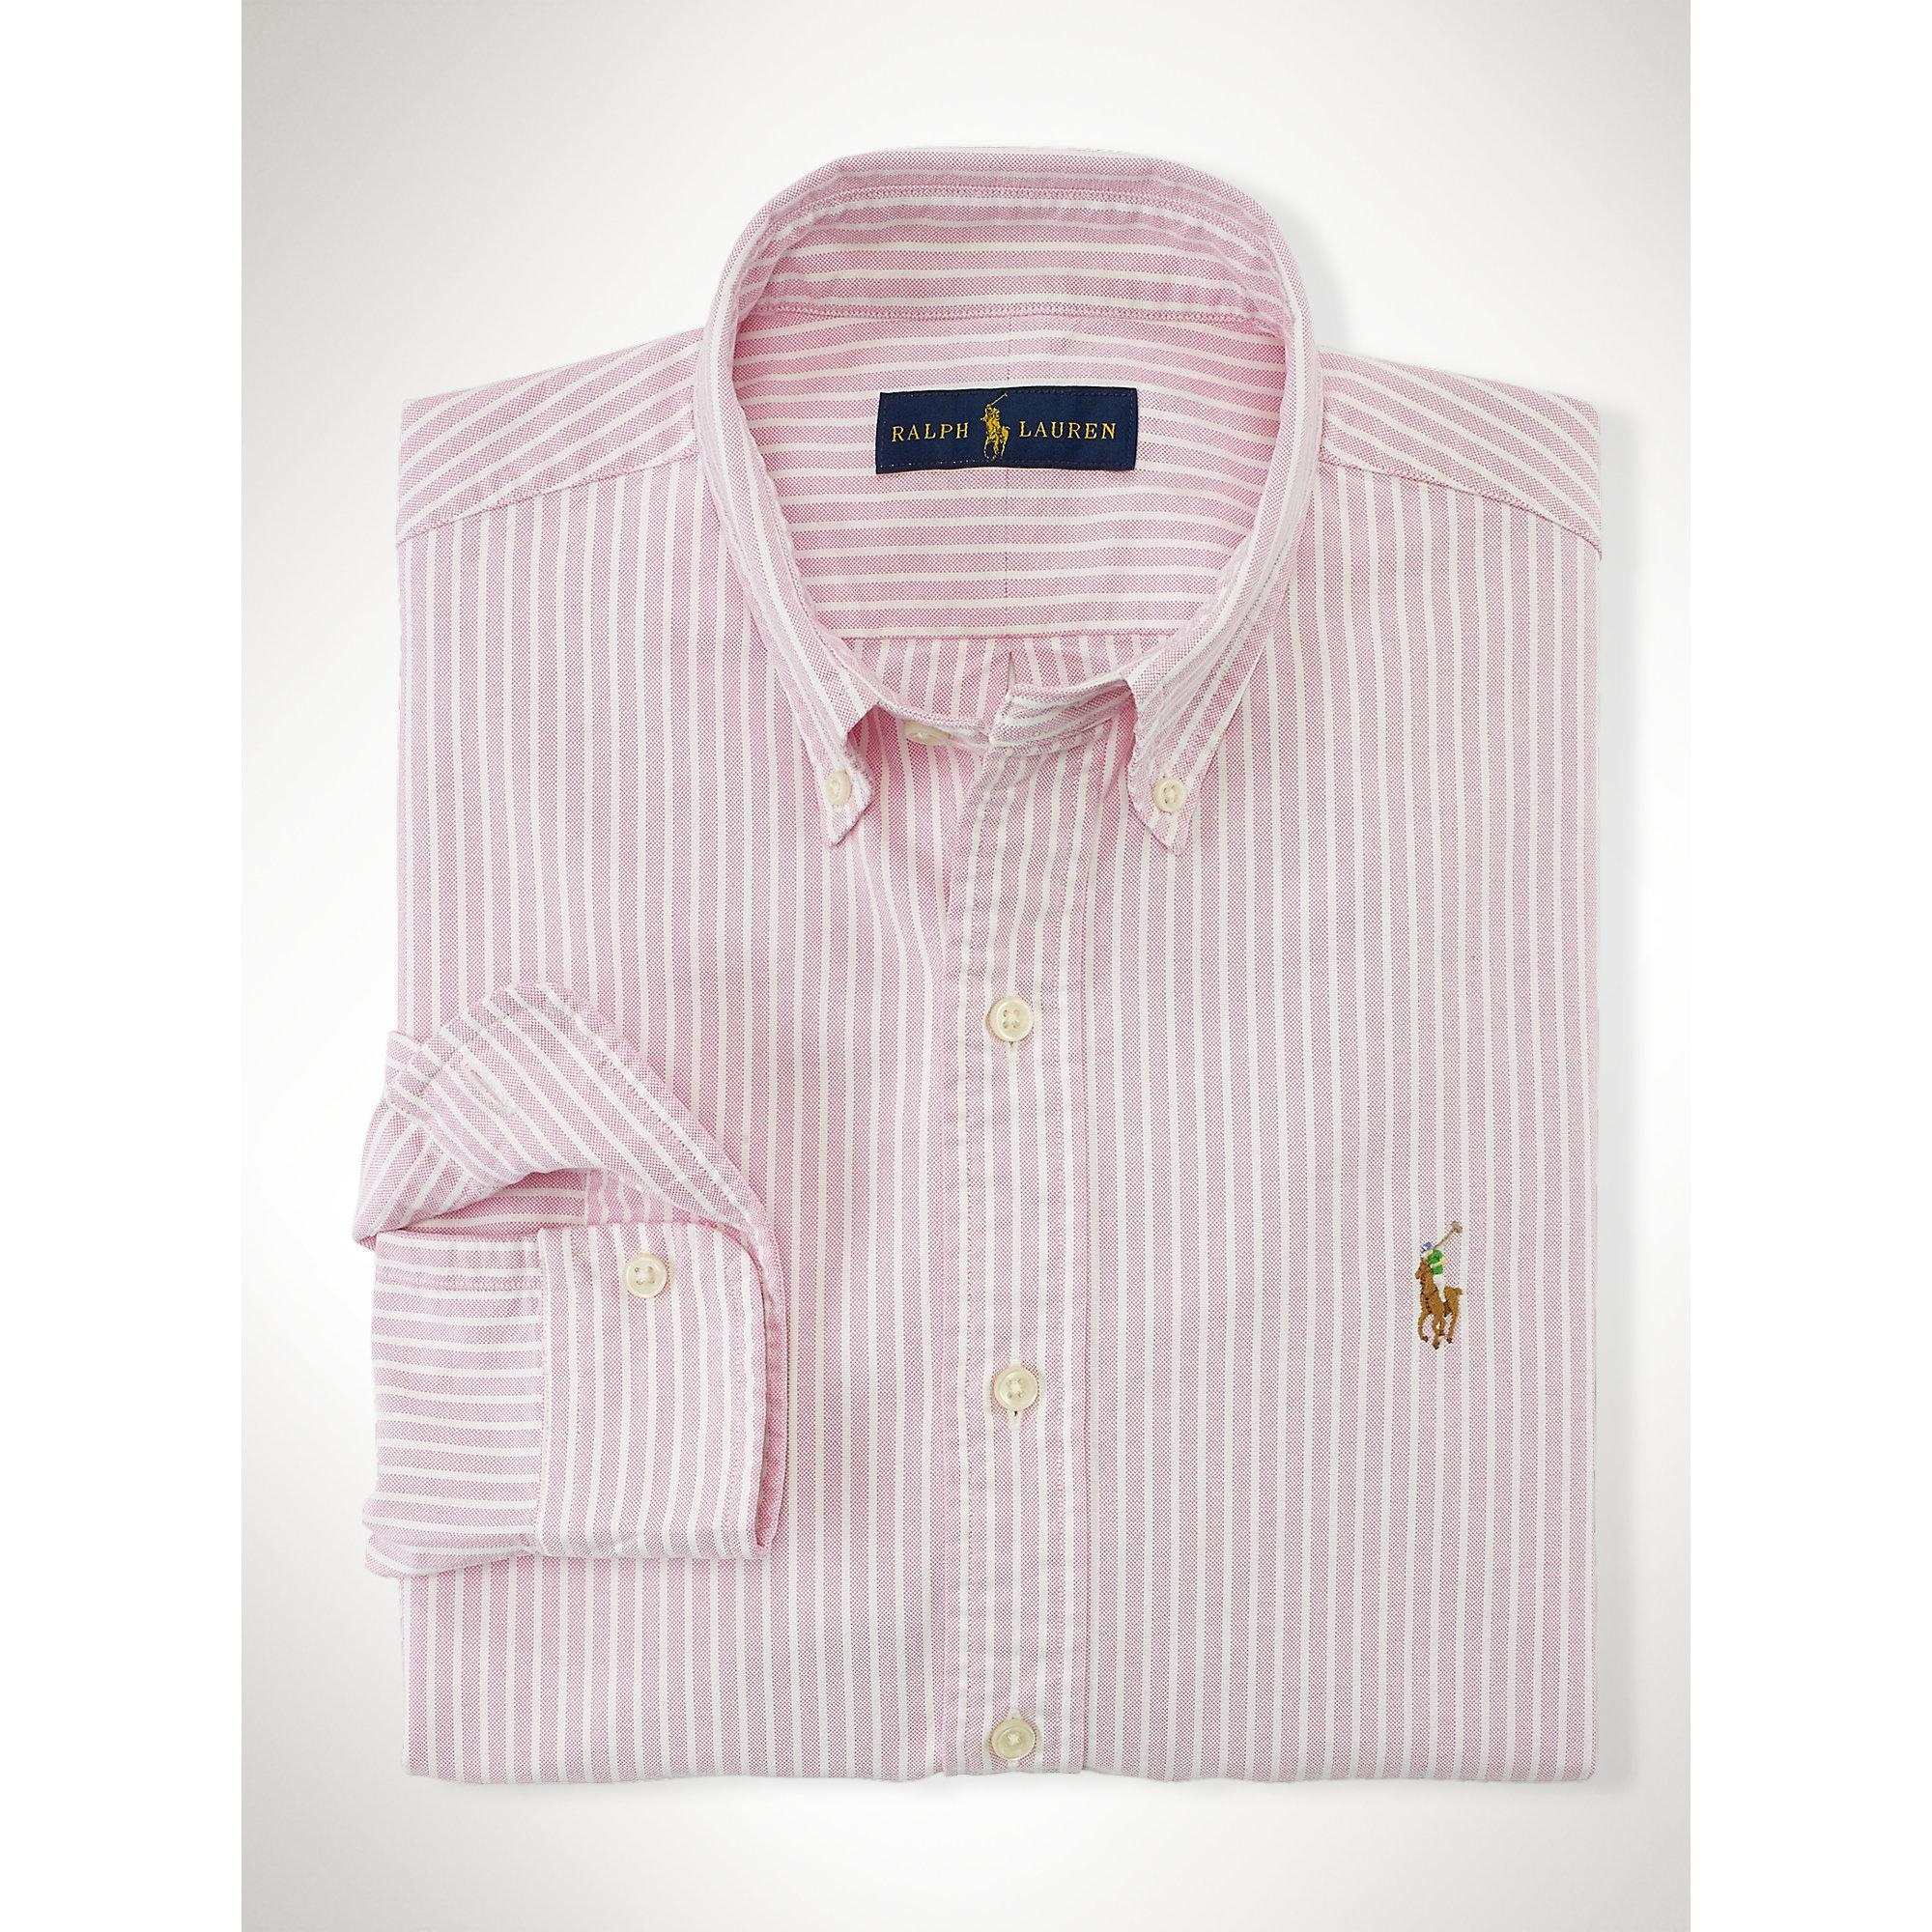 Polo ralph lauren striped oxford sport shirt in pink for for Pink and white ralph lauren shirt